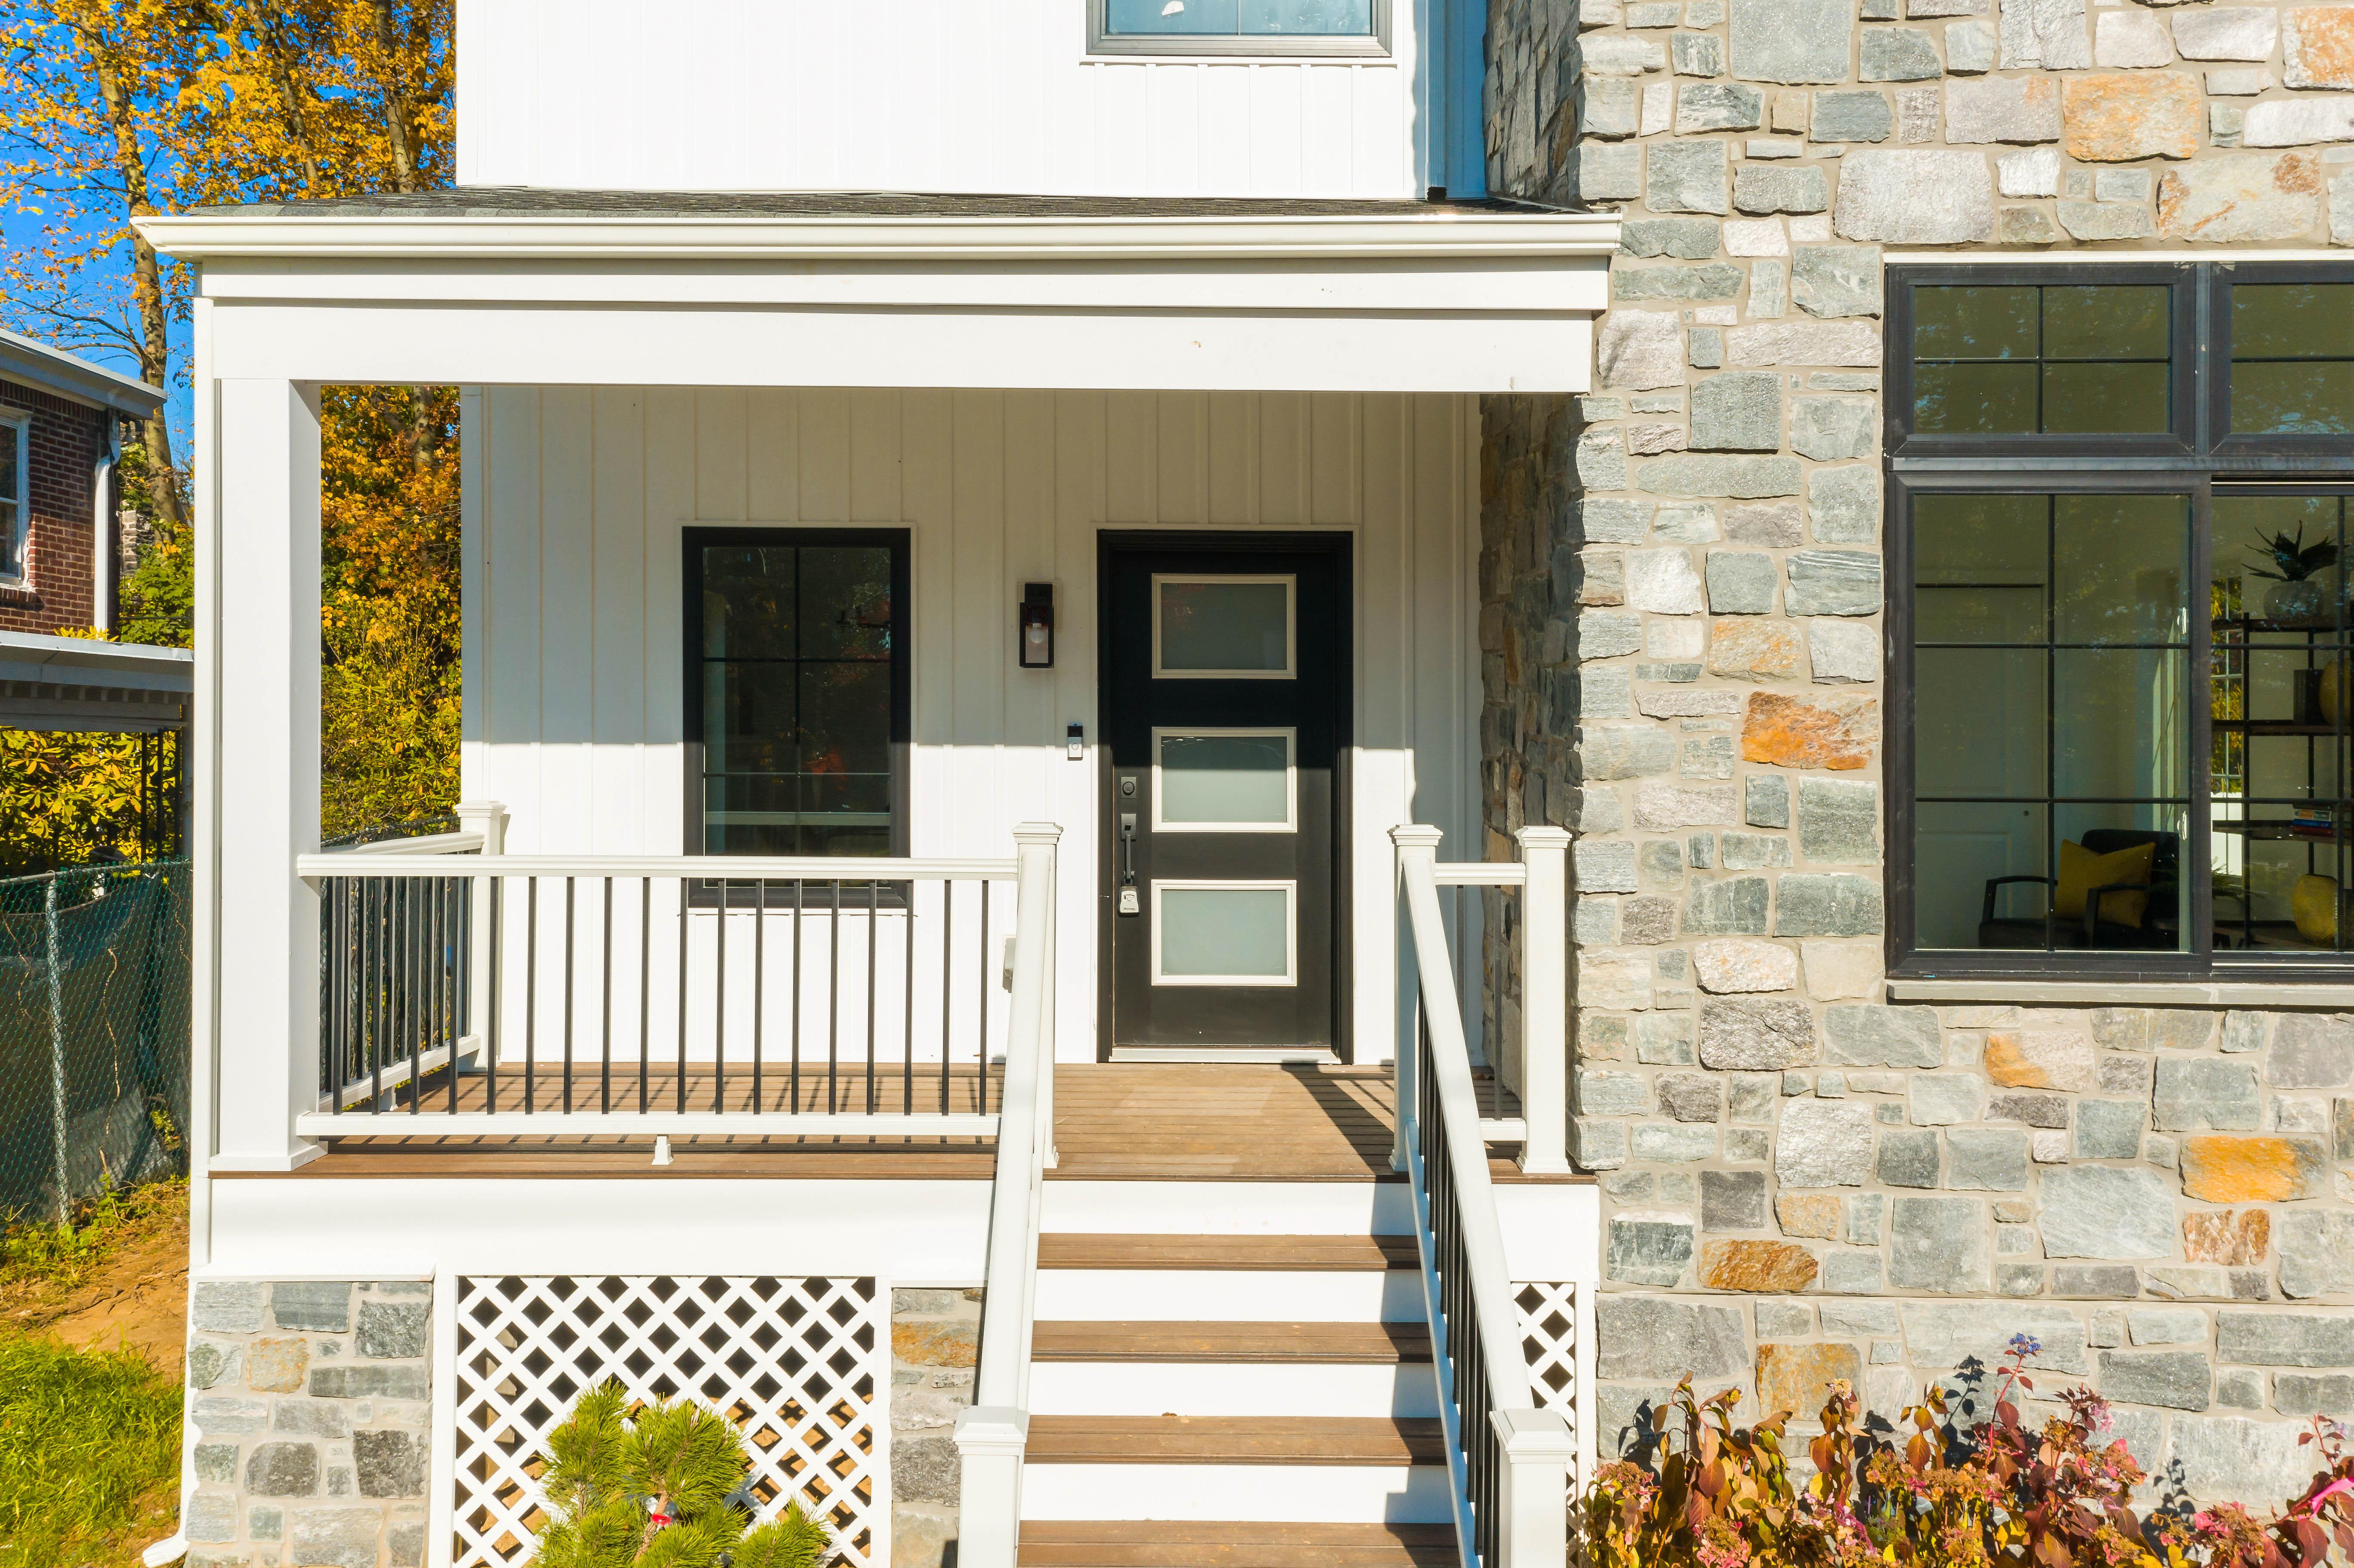 Ardleigh St porch